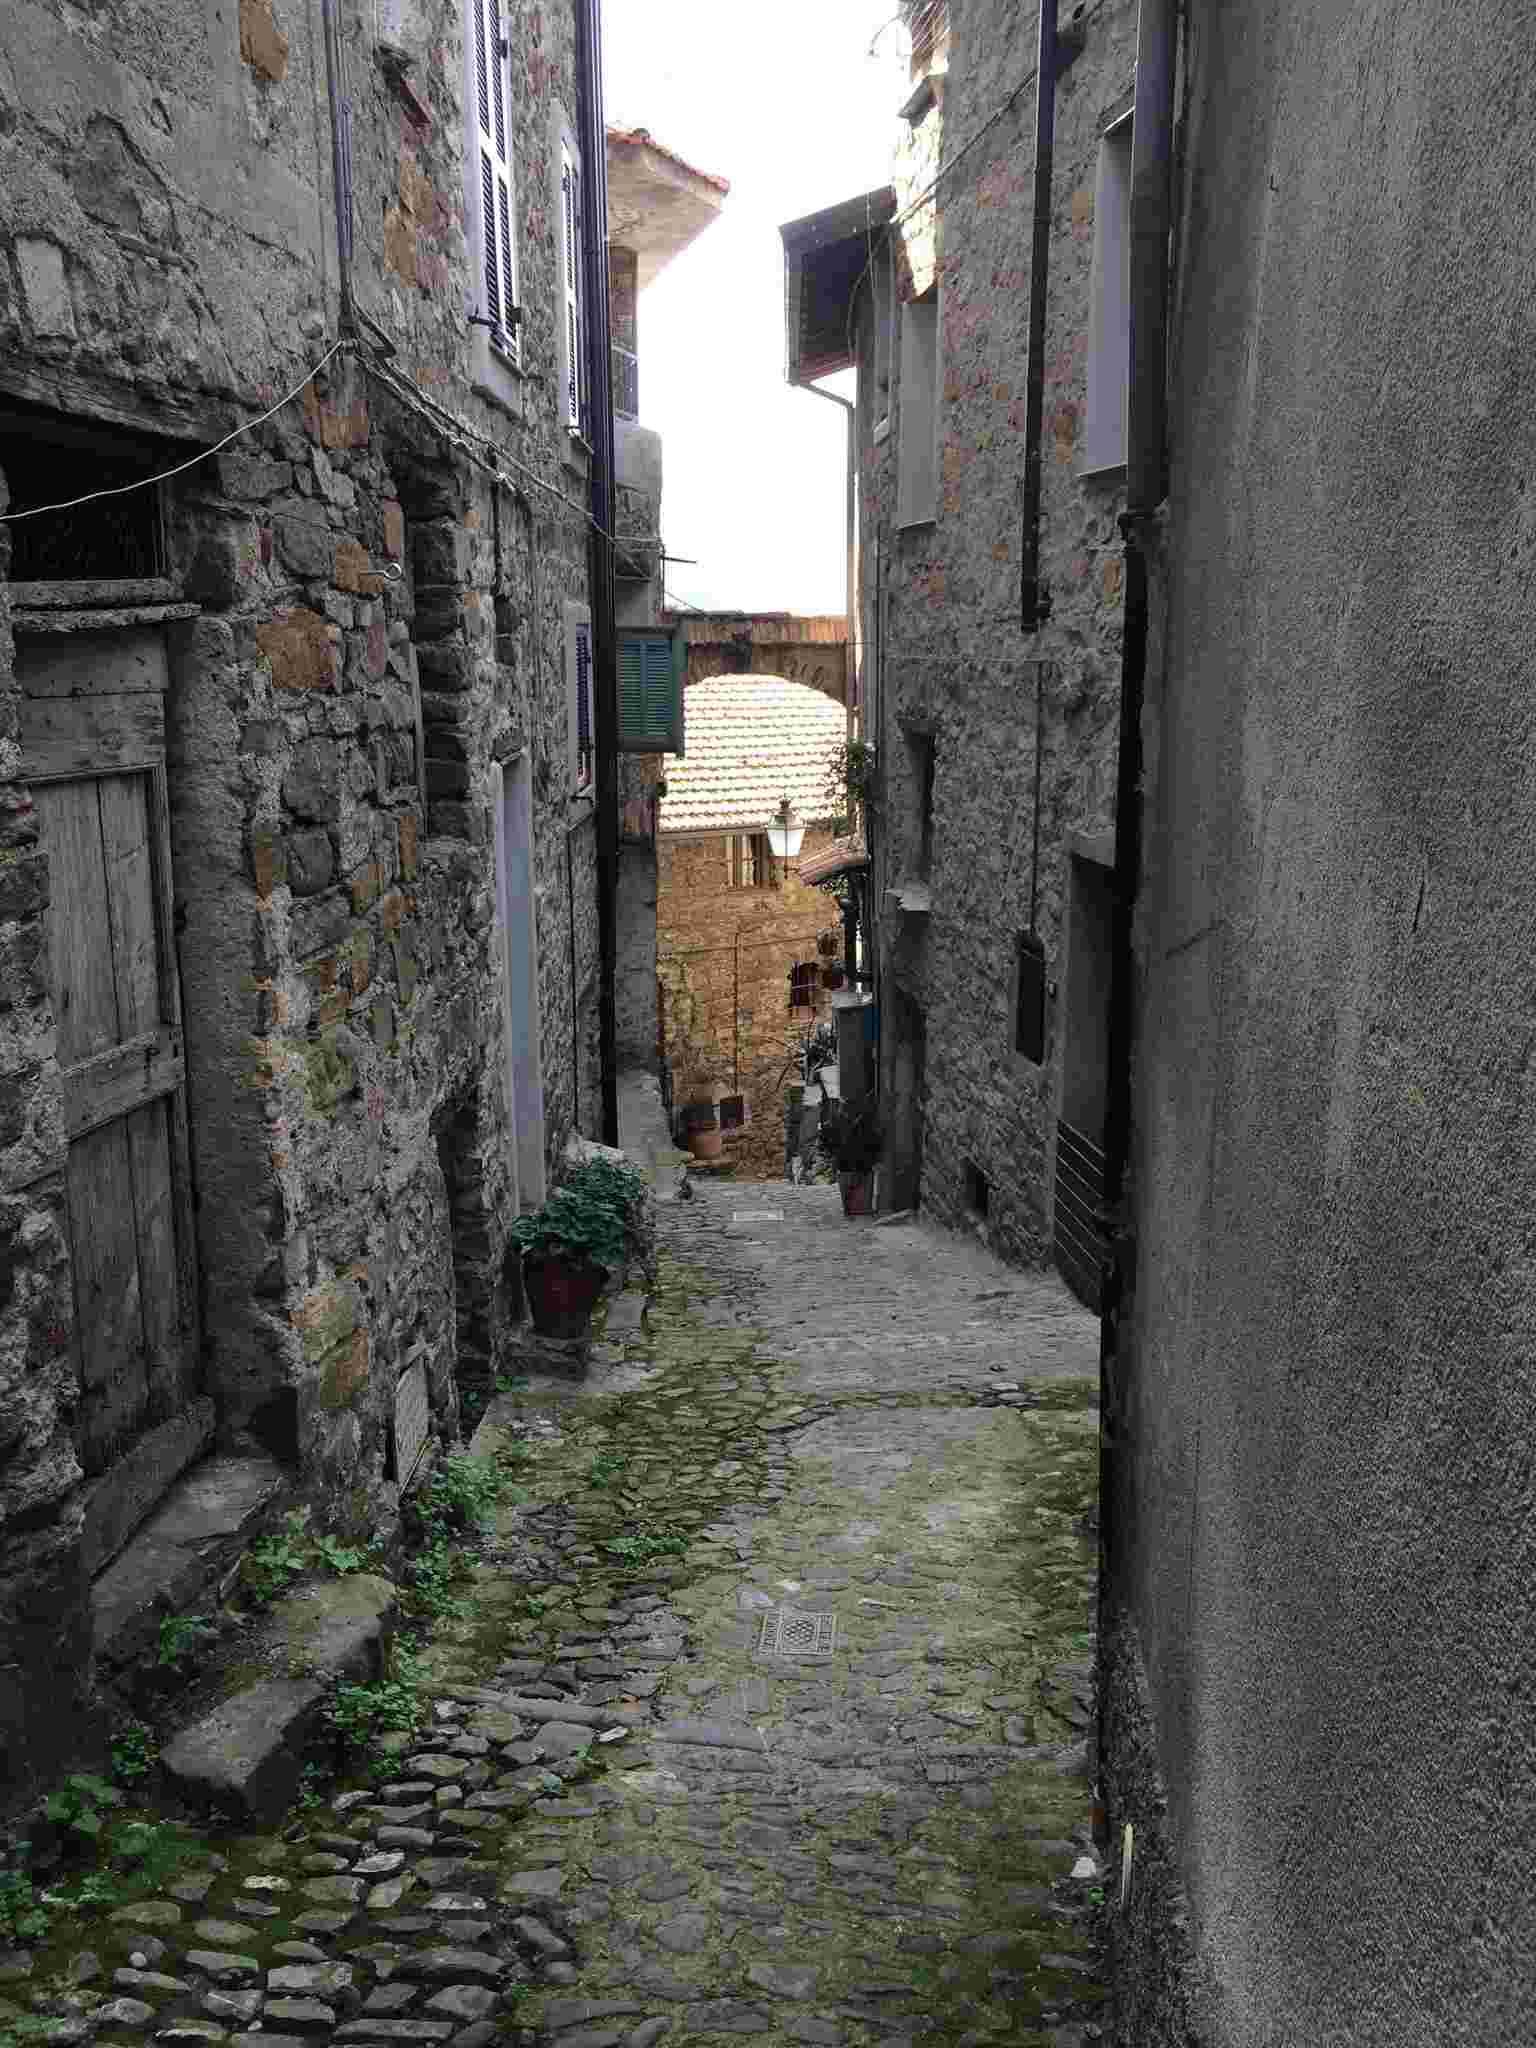 Apricale, le plus beau village d'Italie Aprica39